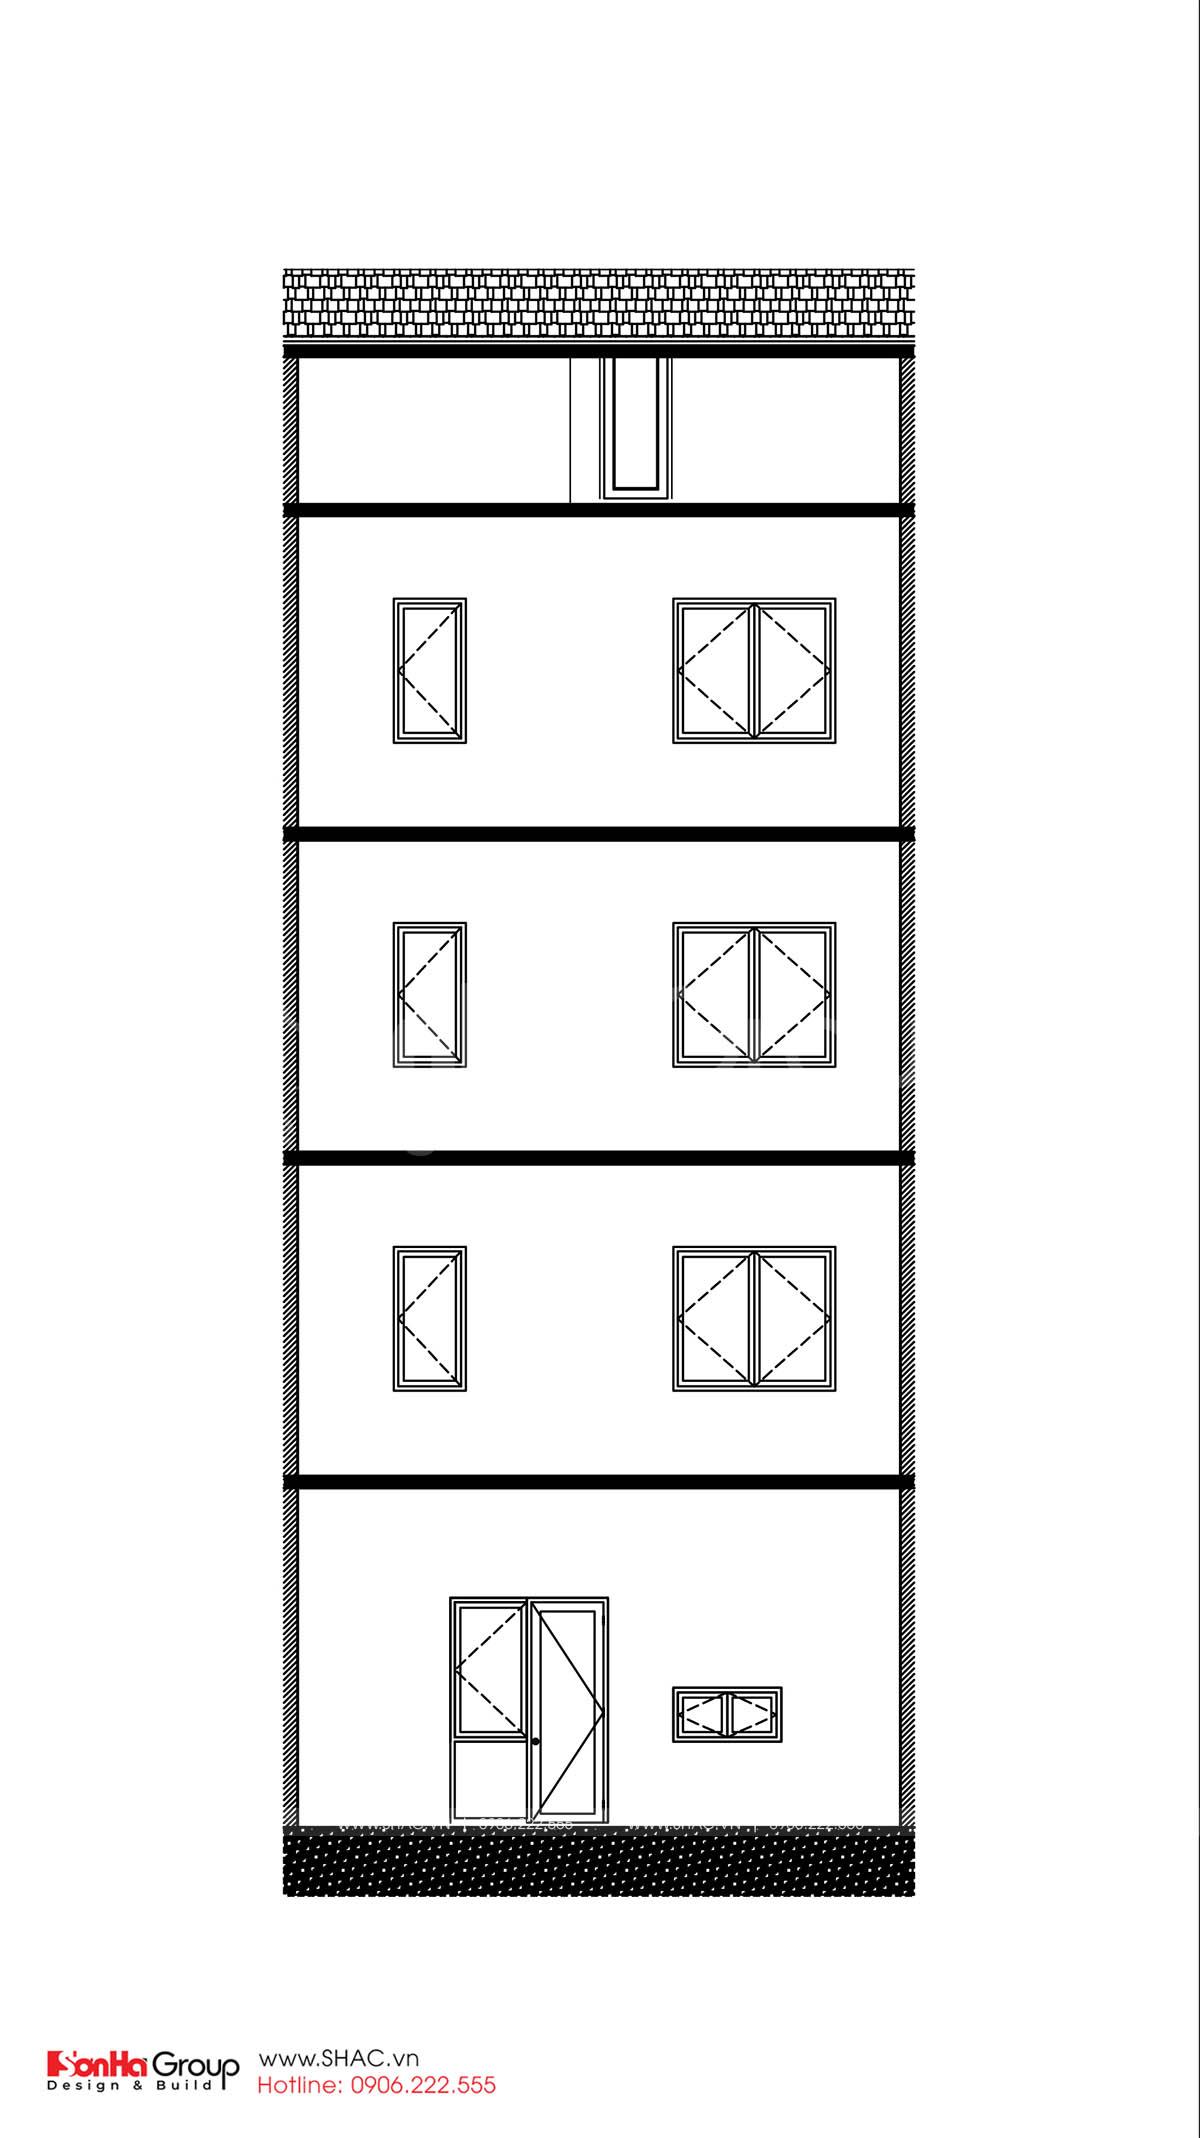 Bản vẽ mặt cắt ngang thiết kế nhà phố hiện đại tại Hải Phòng